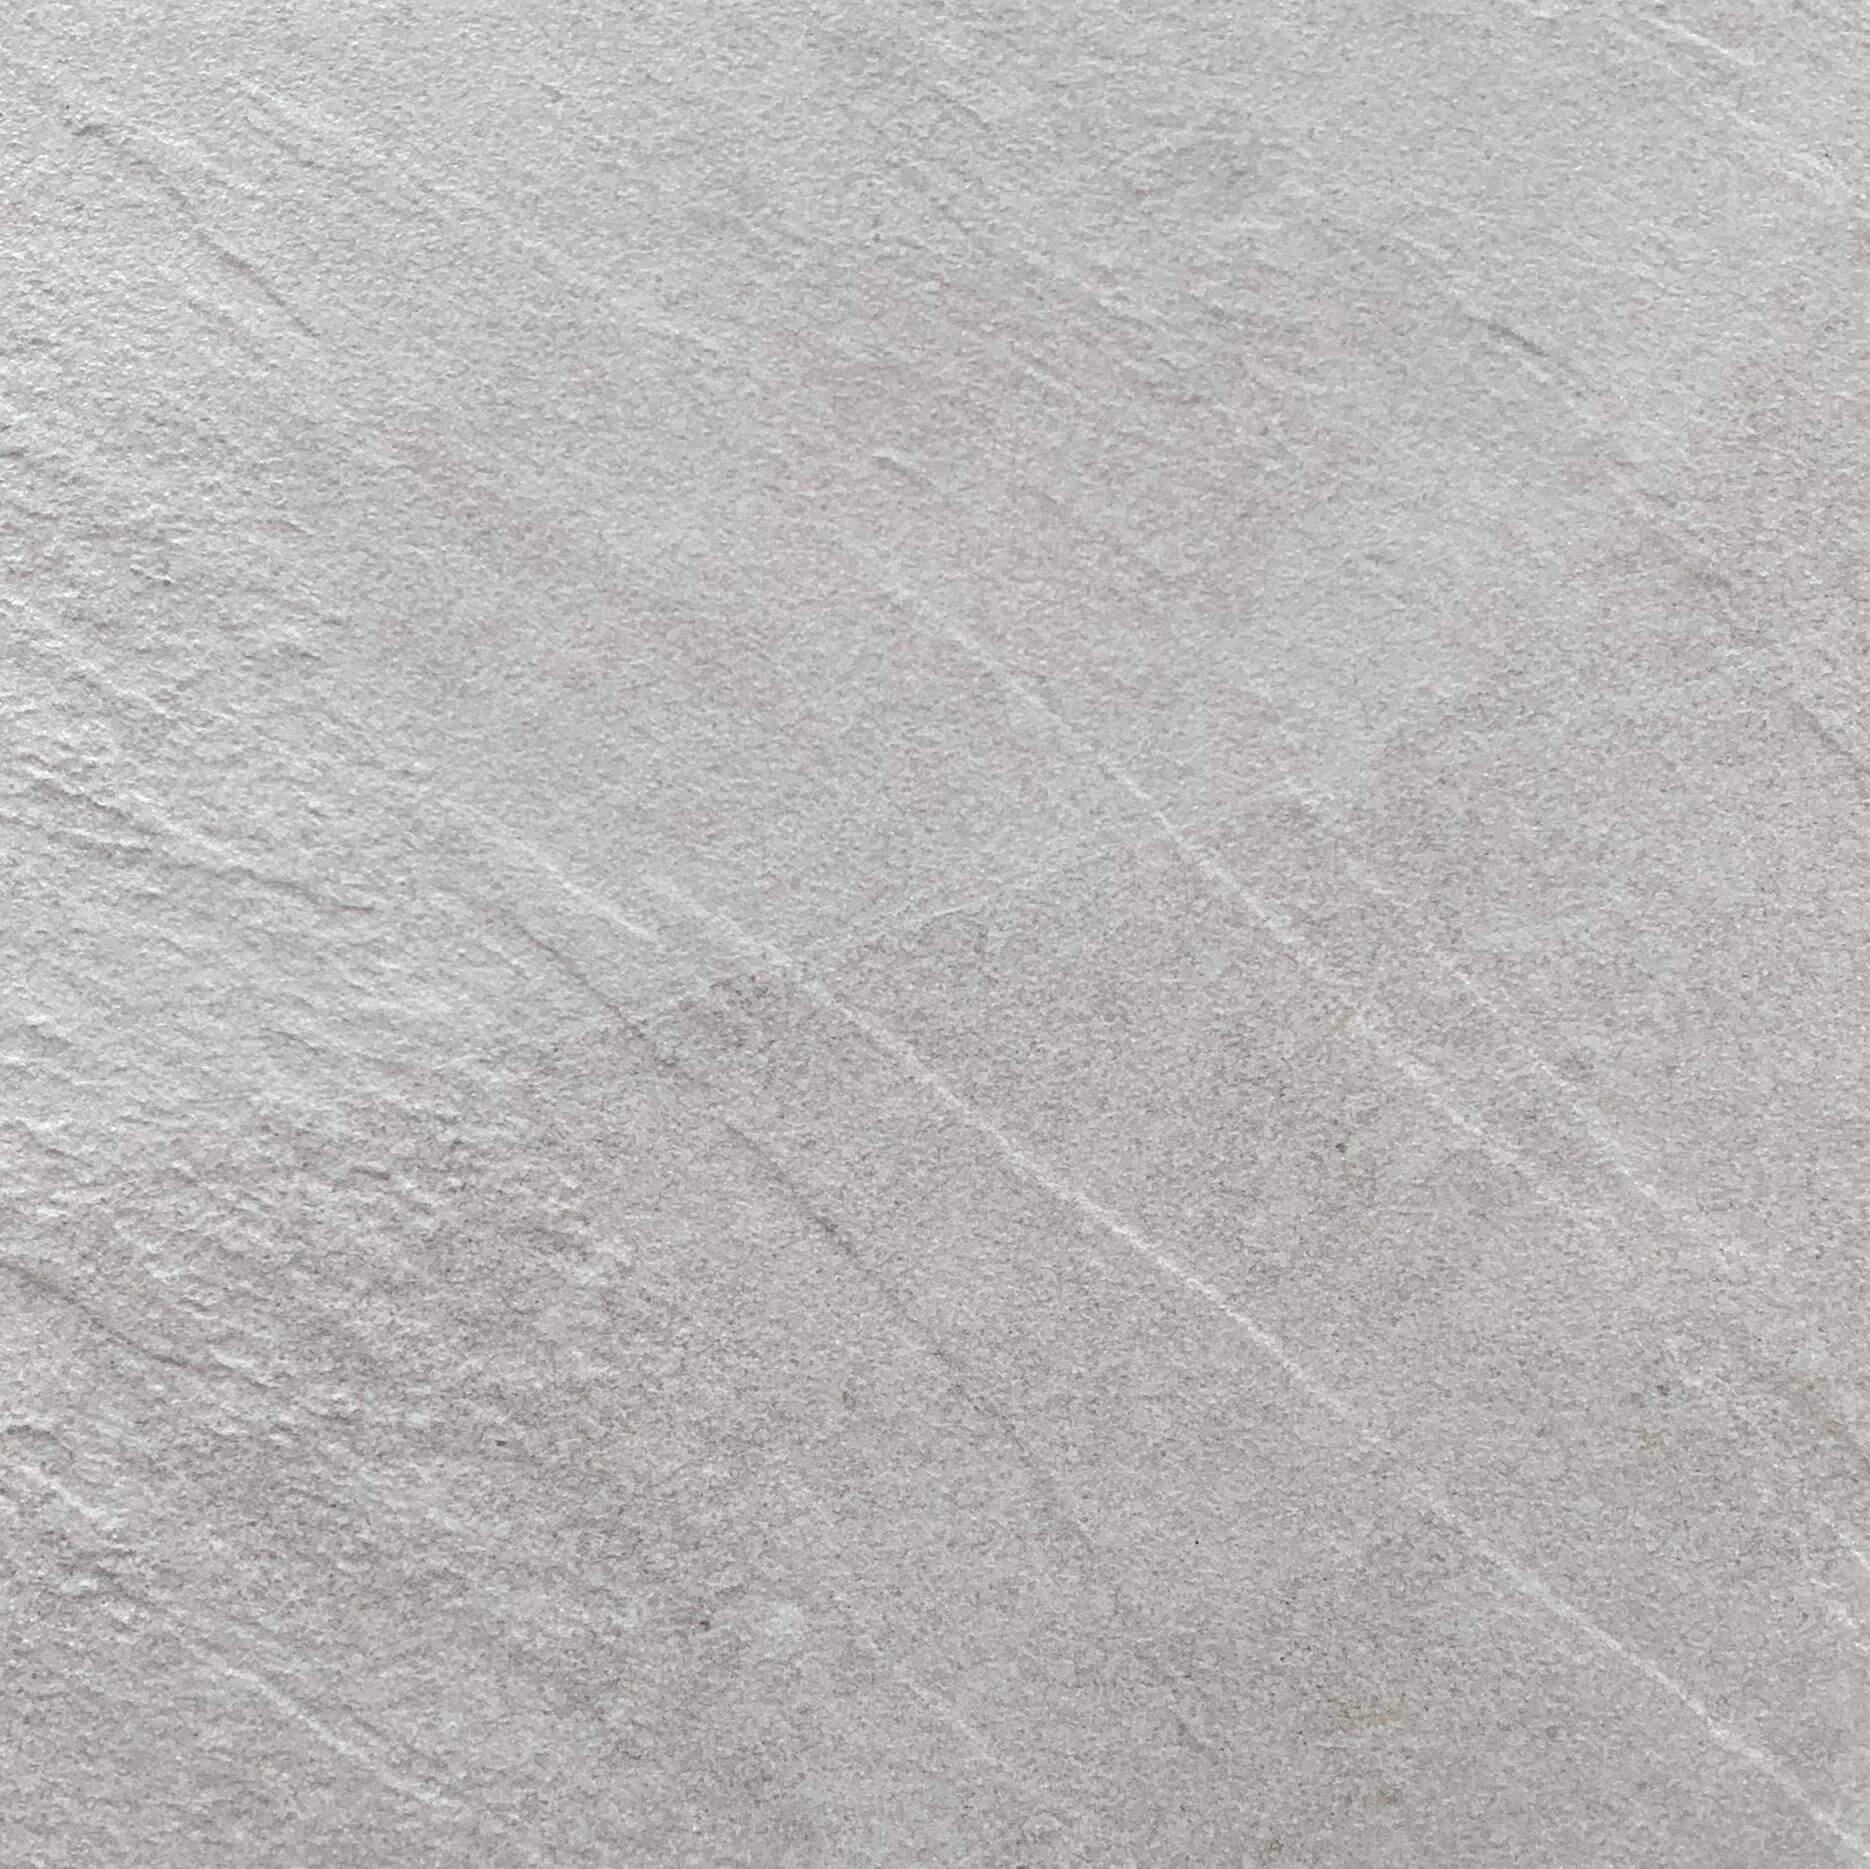 Moon Light Grey Italian Anti Slip Porcelain Tile 3582